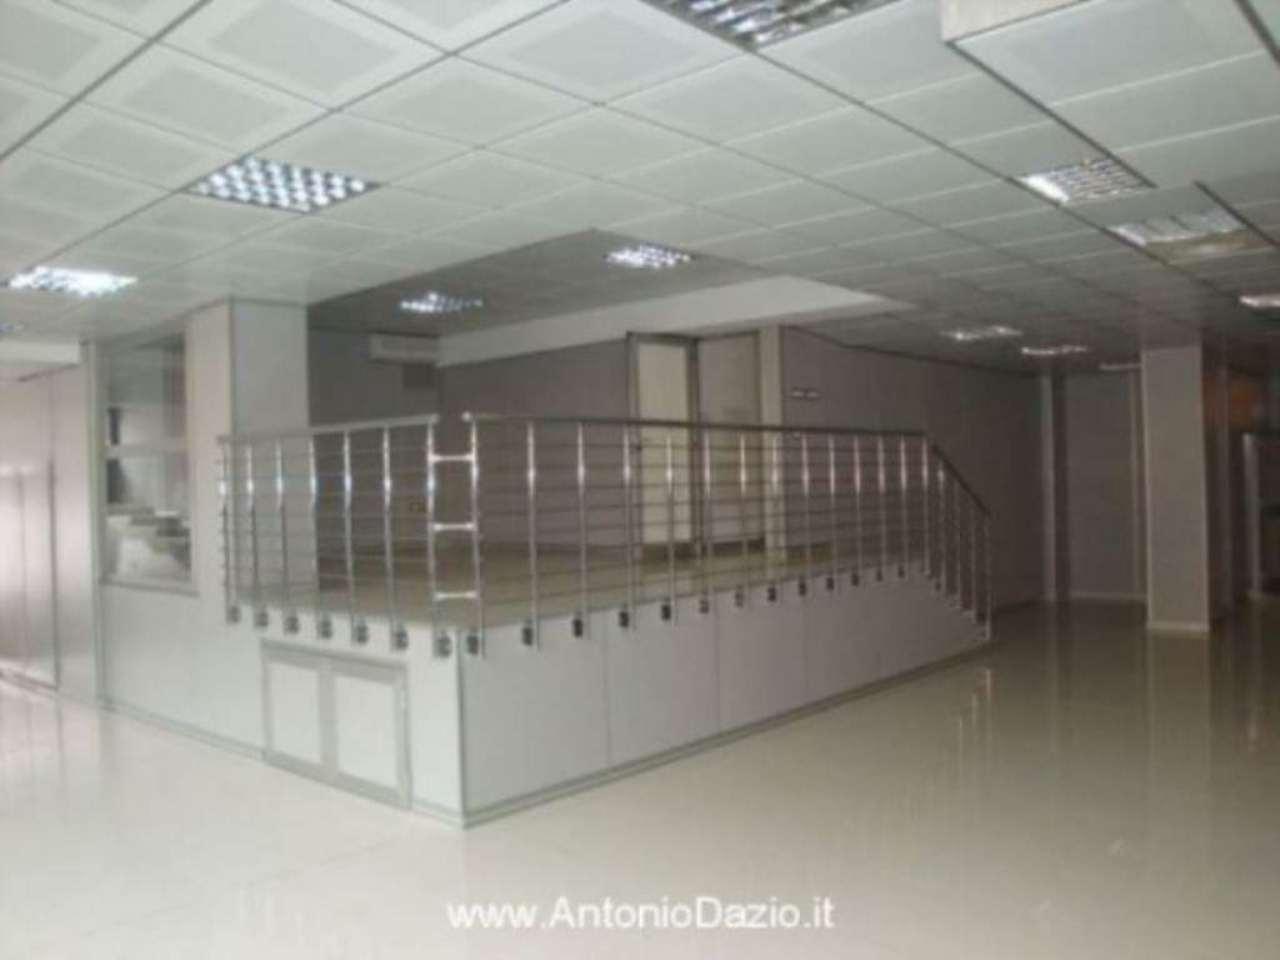 Negozio / Locale in vendita a Pavia, 6 locali, prezzo € 850.000 | Cambio Casa.it